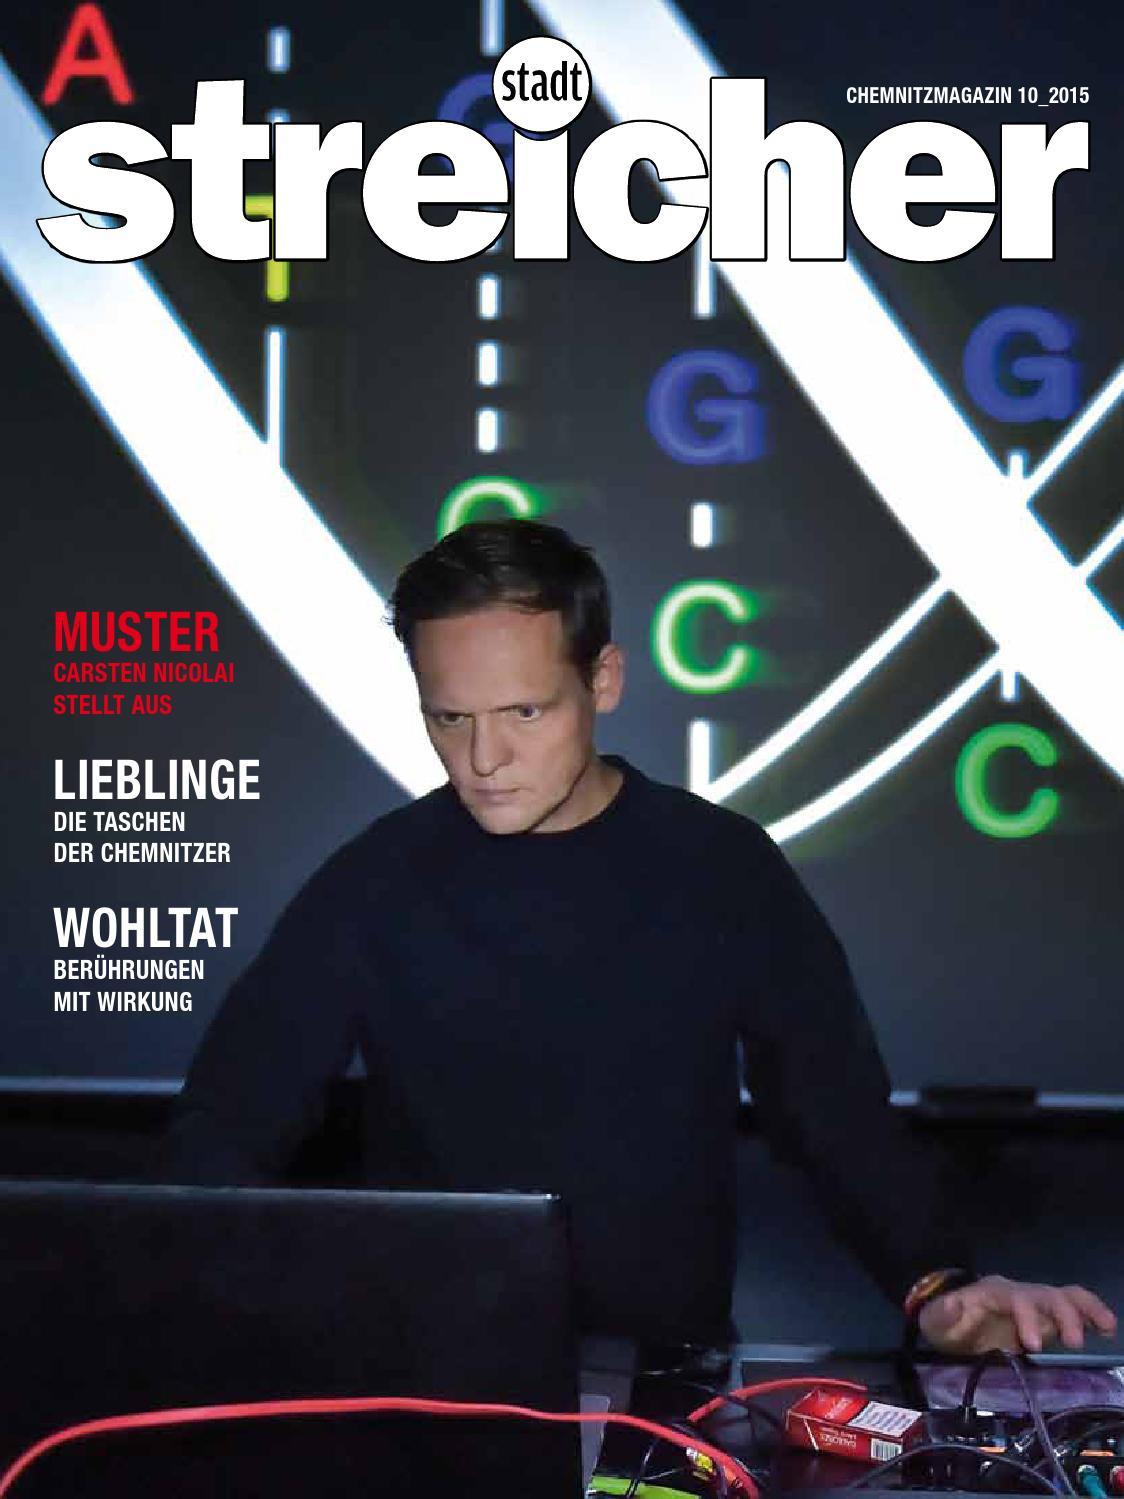 Stadtstreicher Stadtmagazin 10 15 By